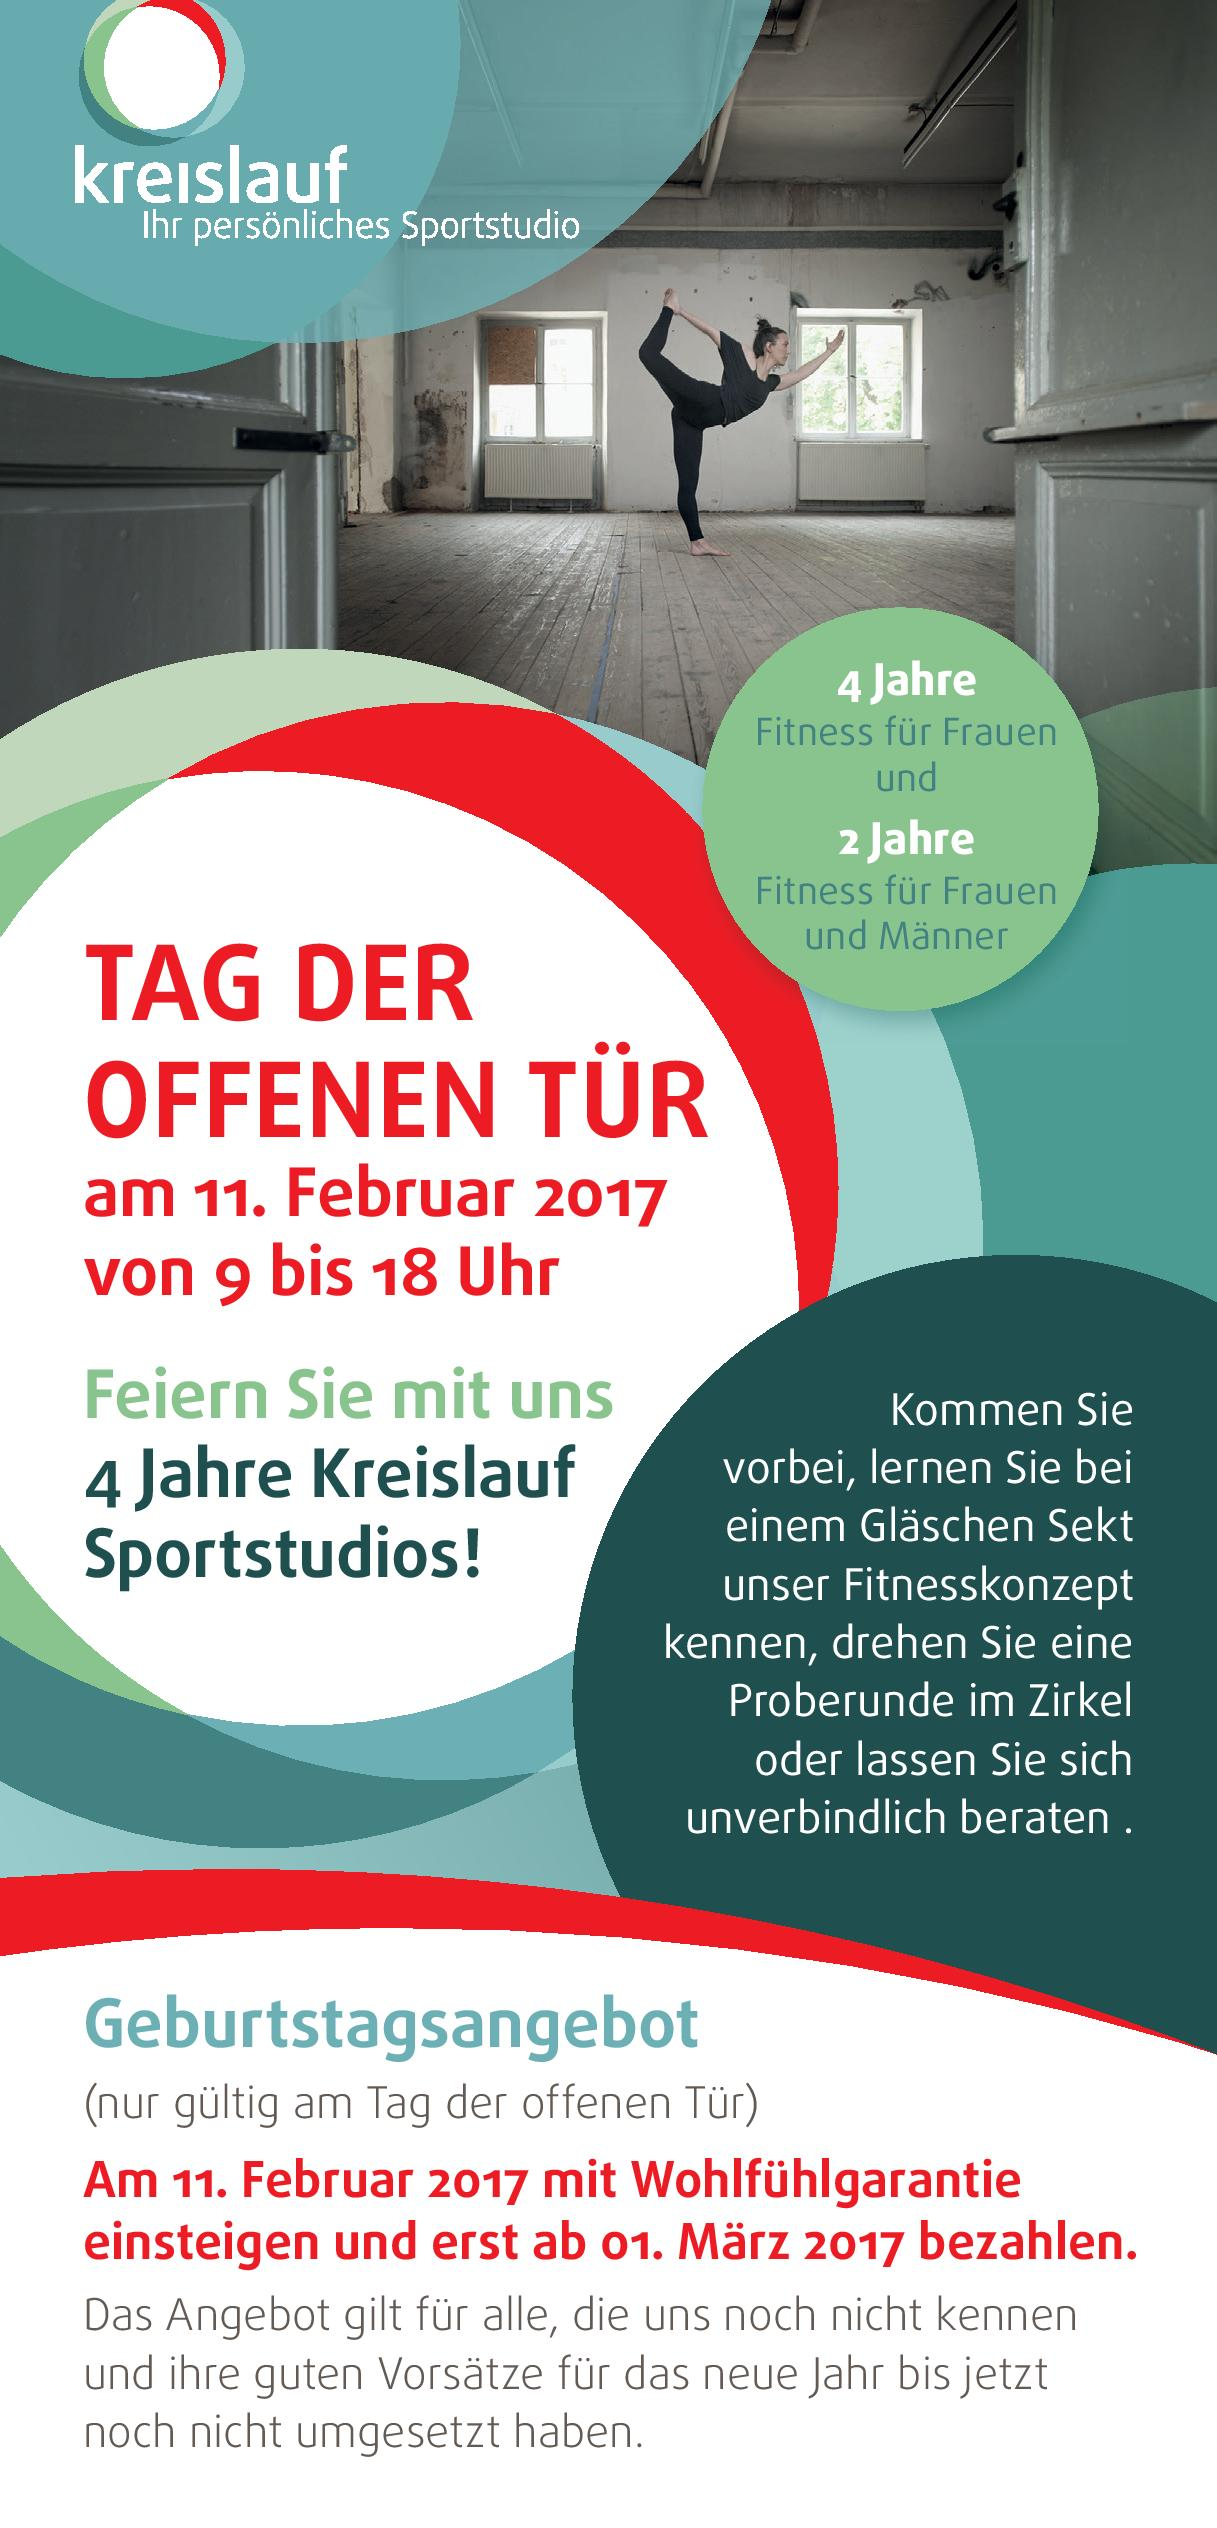 KSG+L_Flyer_TdoT2017_front-page-001